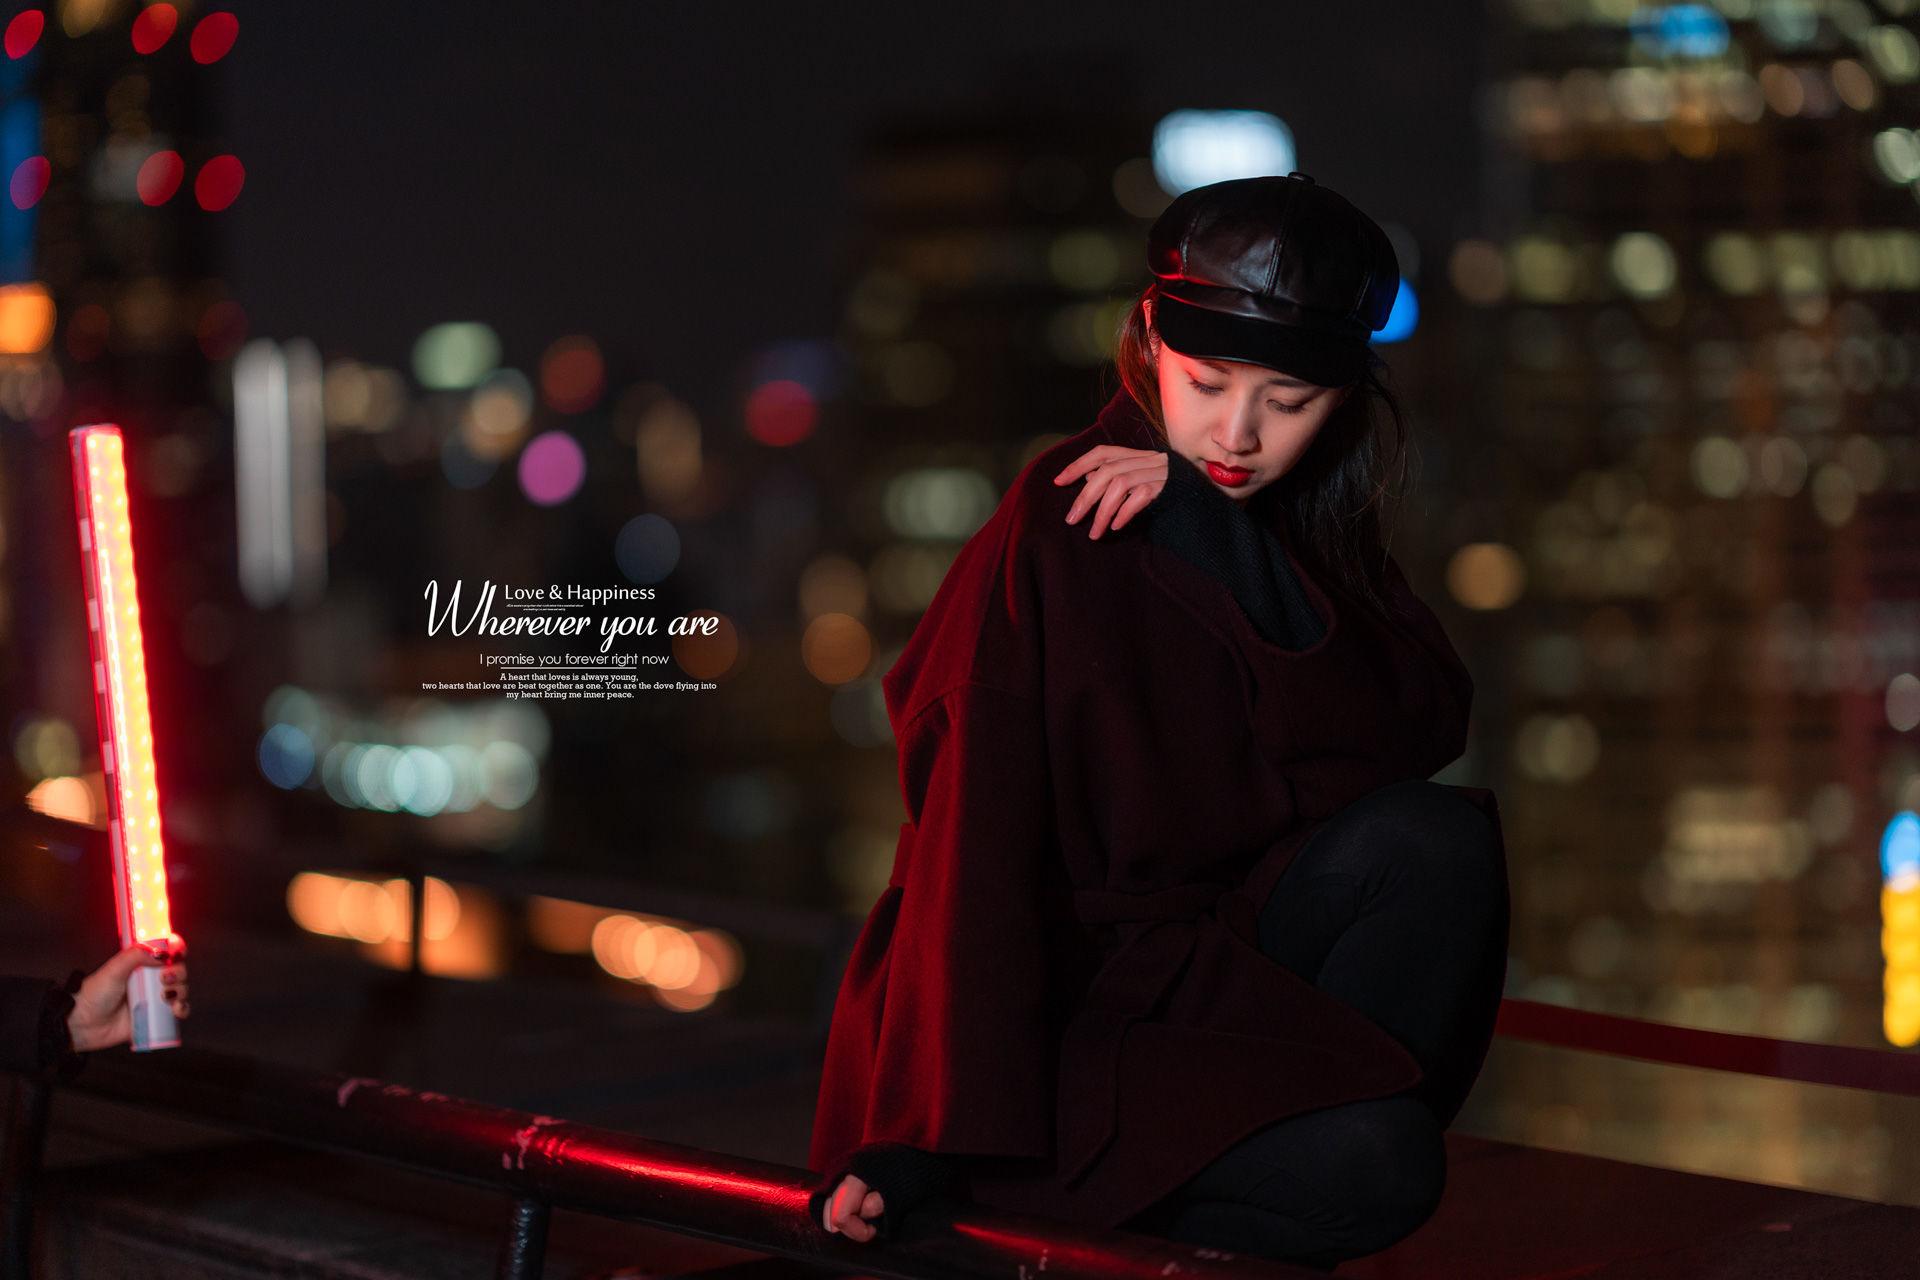 2019-03-22 天臺夜景 小清新仙女棒_攝影師蔣俞歡的返片